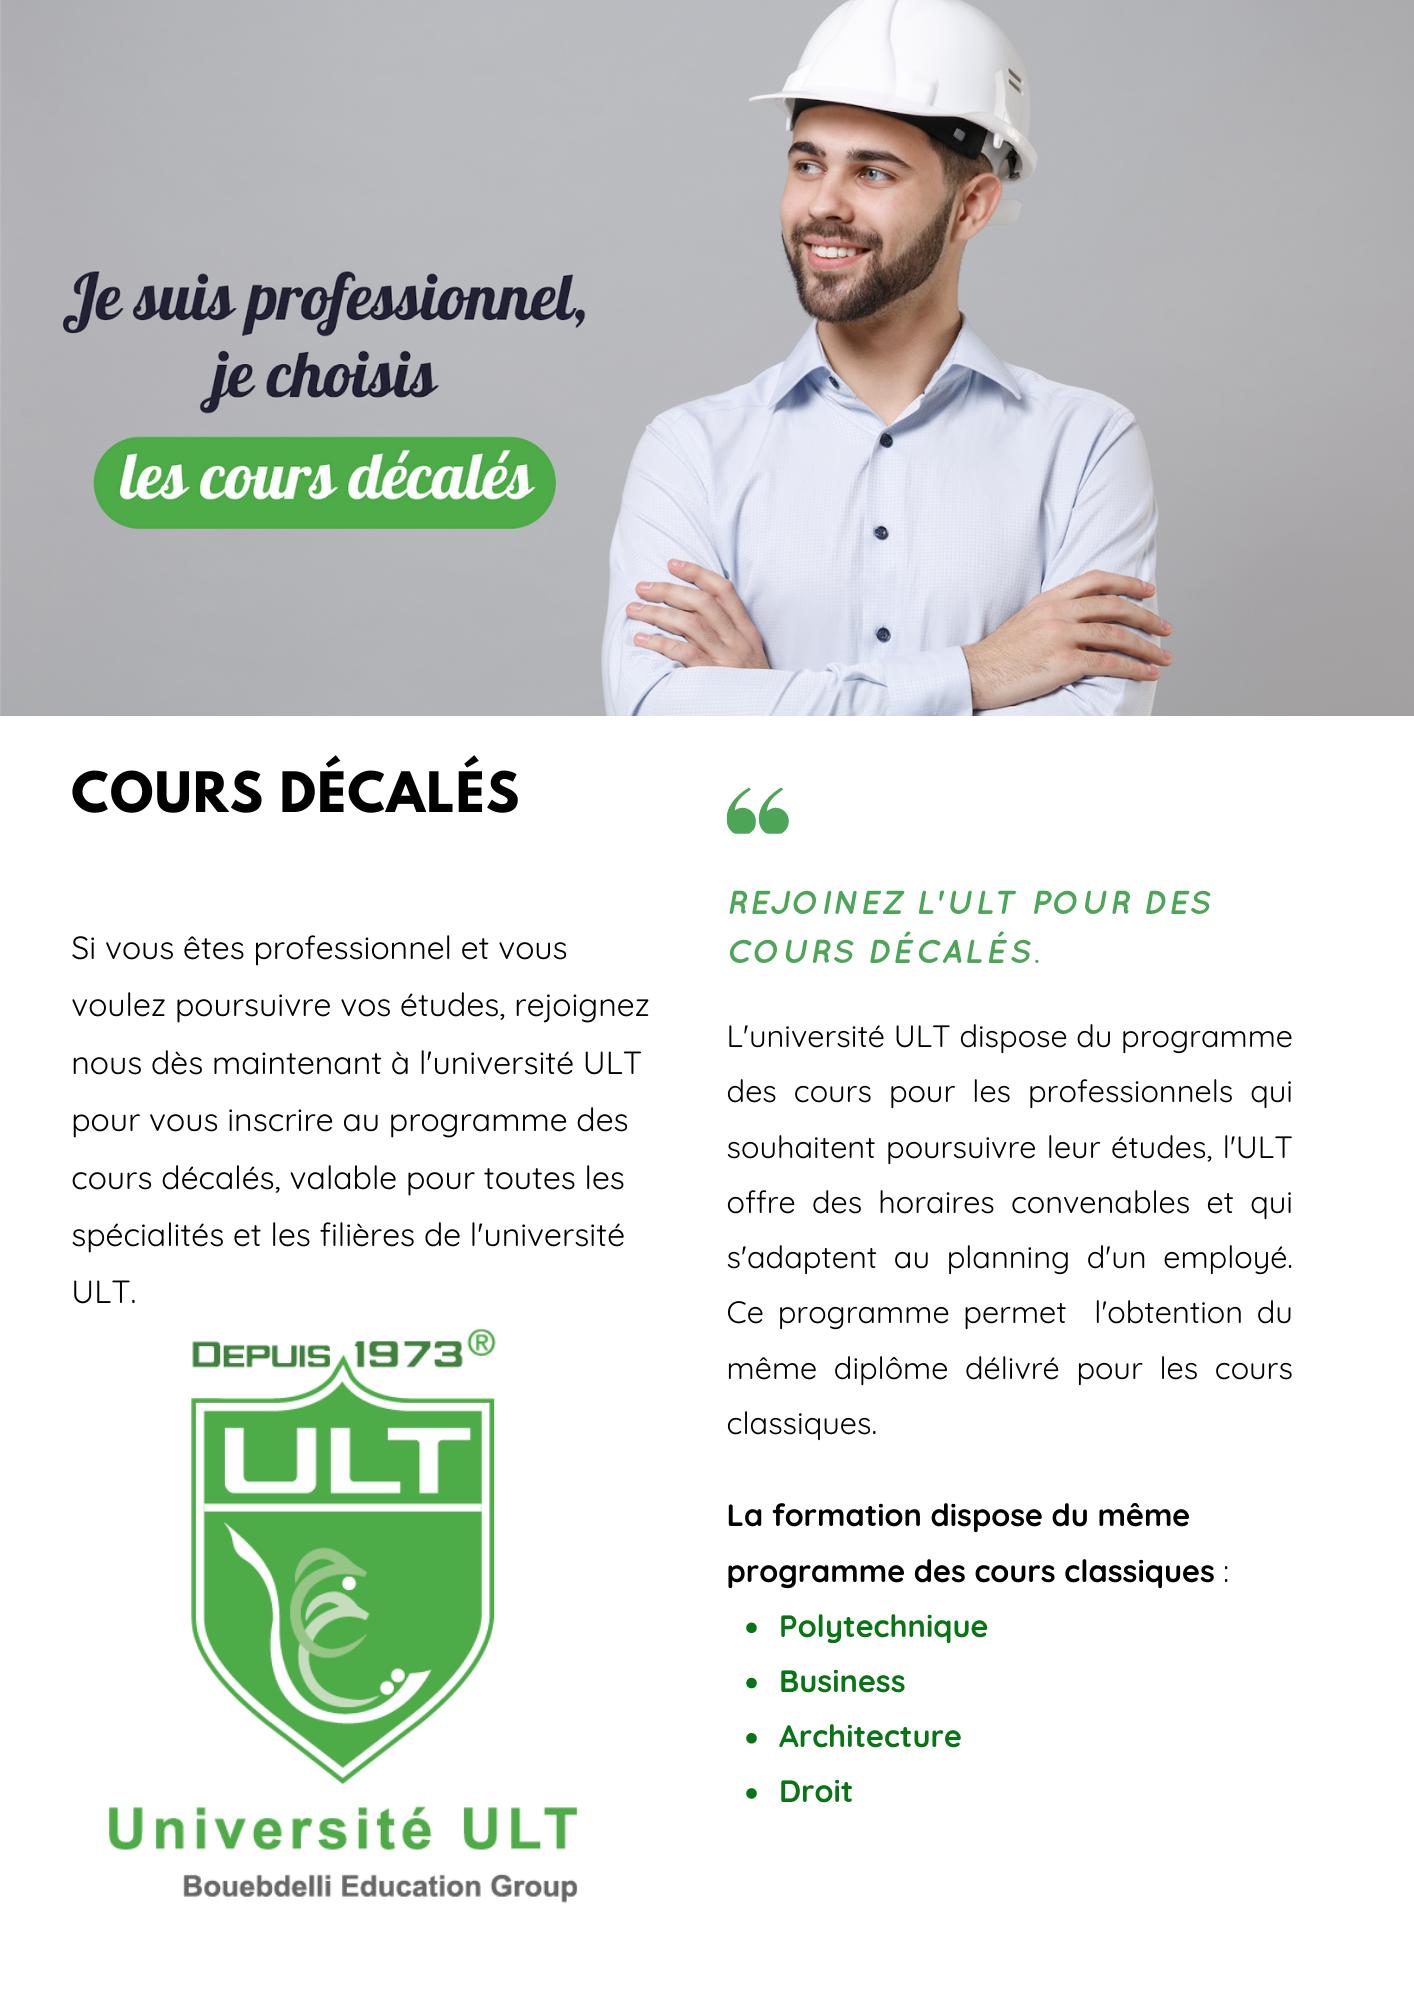 cours décalés à l'ULT (université privée de Tunis)